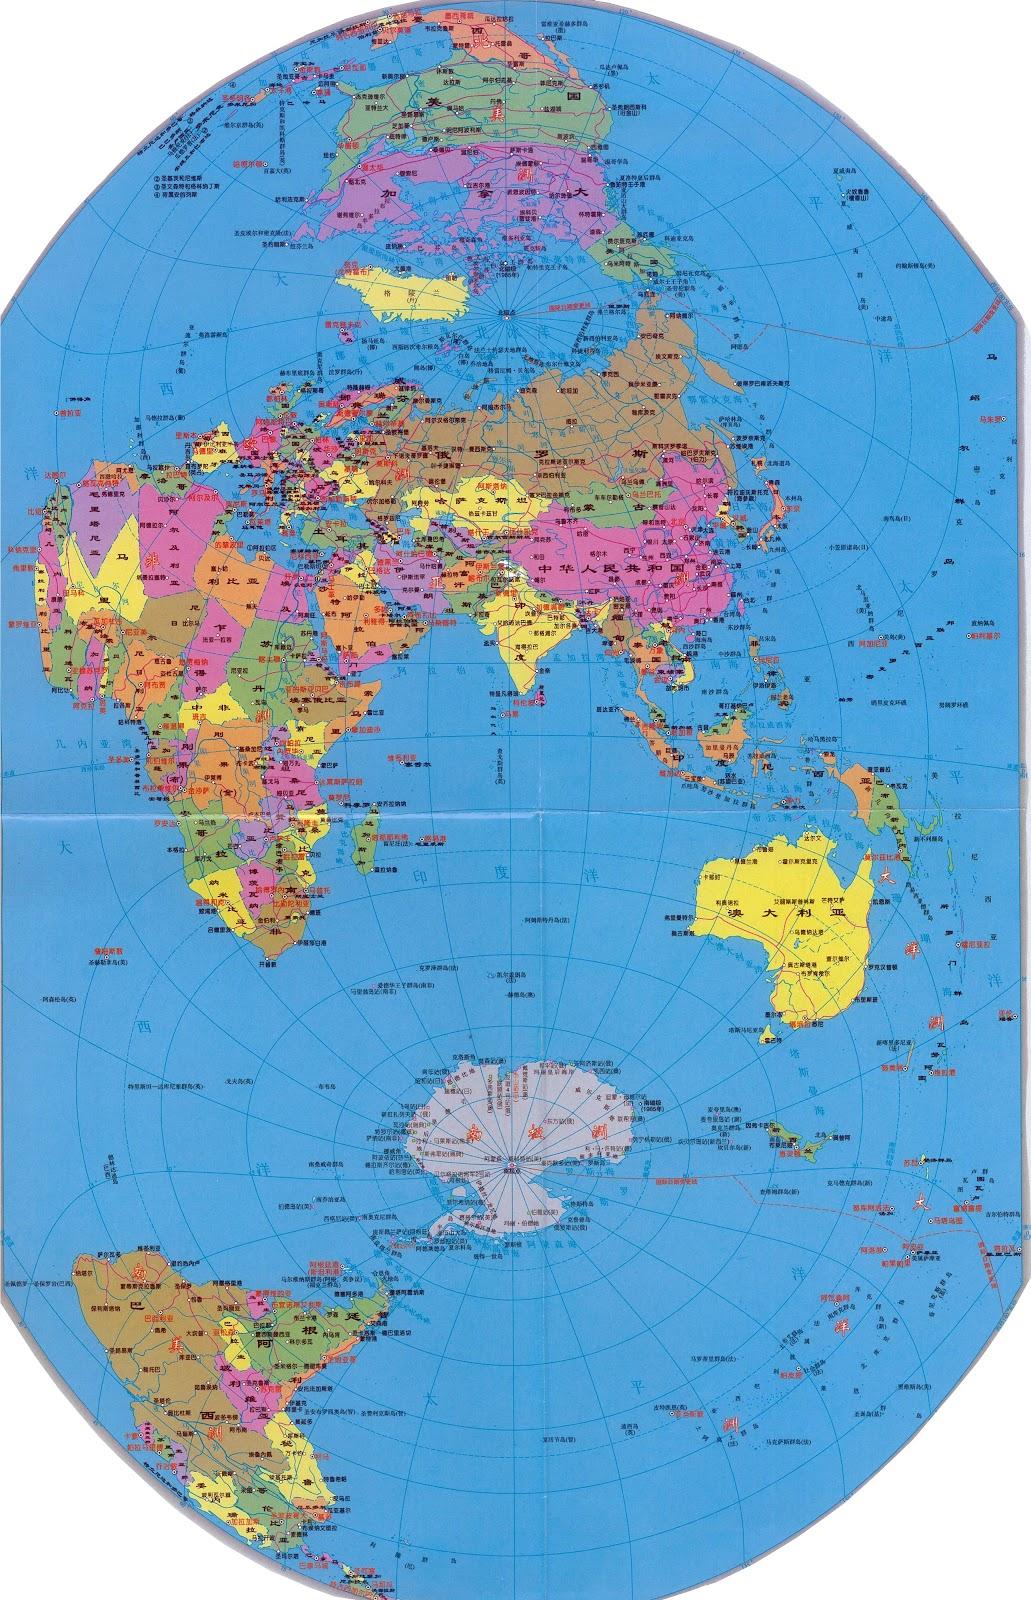 換個角度看地圖: 給你一個新世界--系列世界地圖的故事之《可愛企鵝眼中的世界地圖(南半球版)》